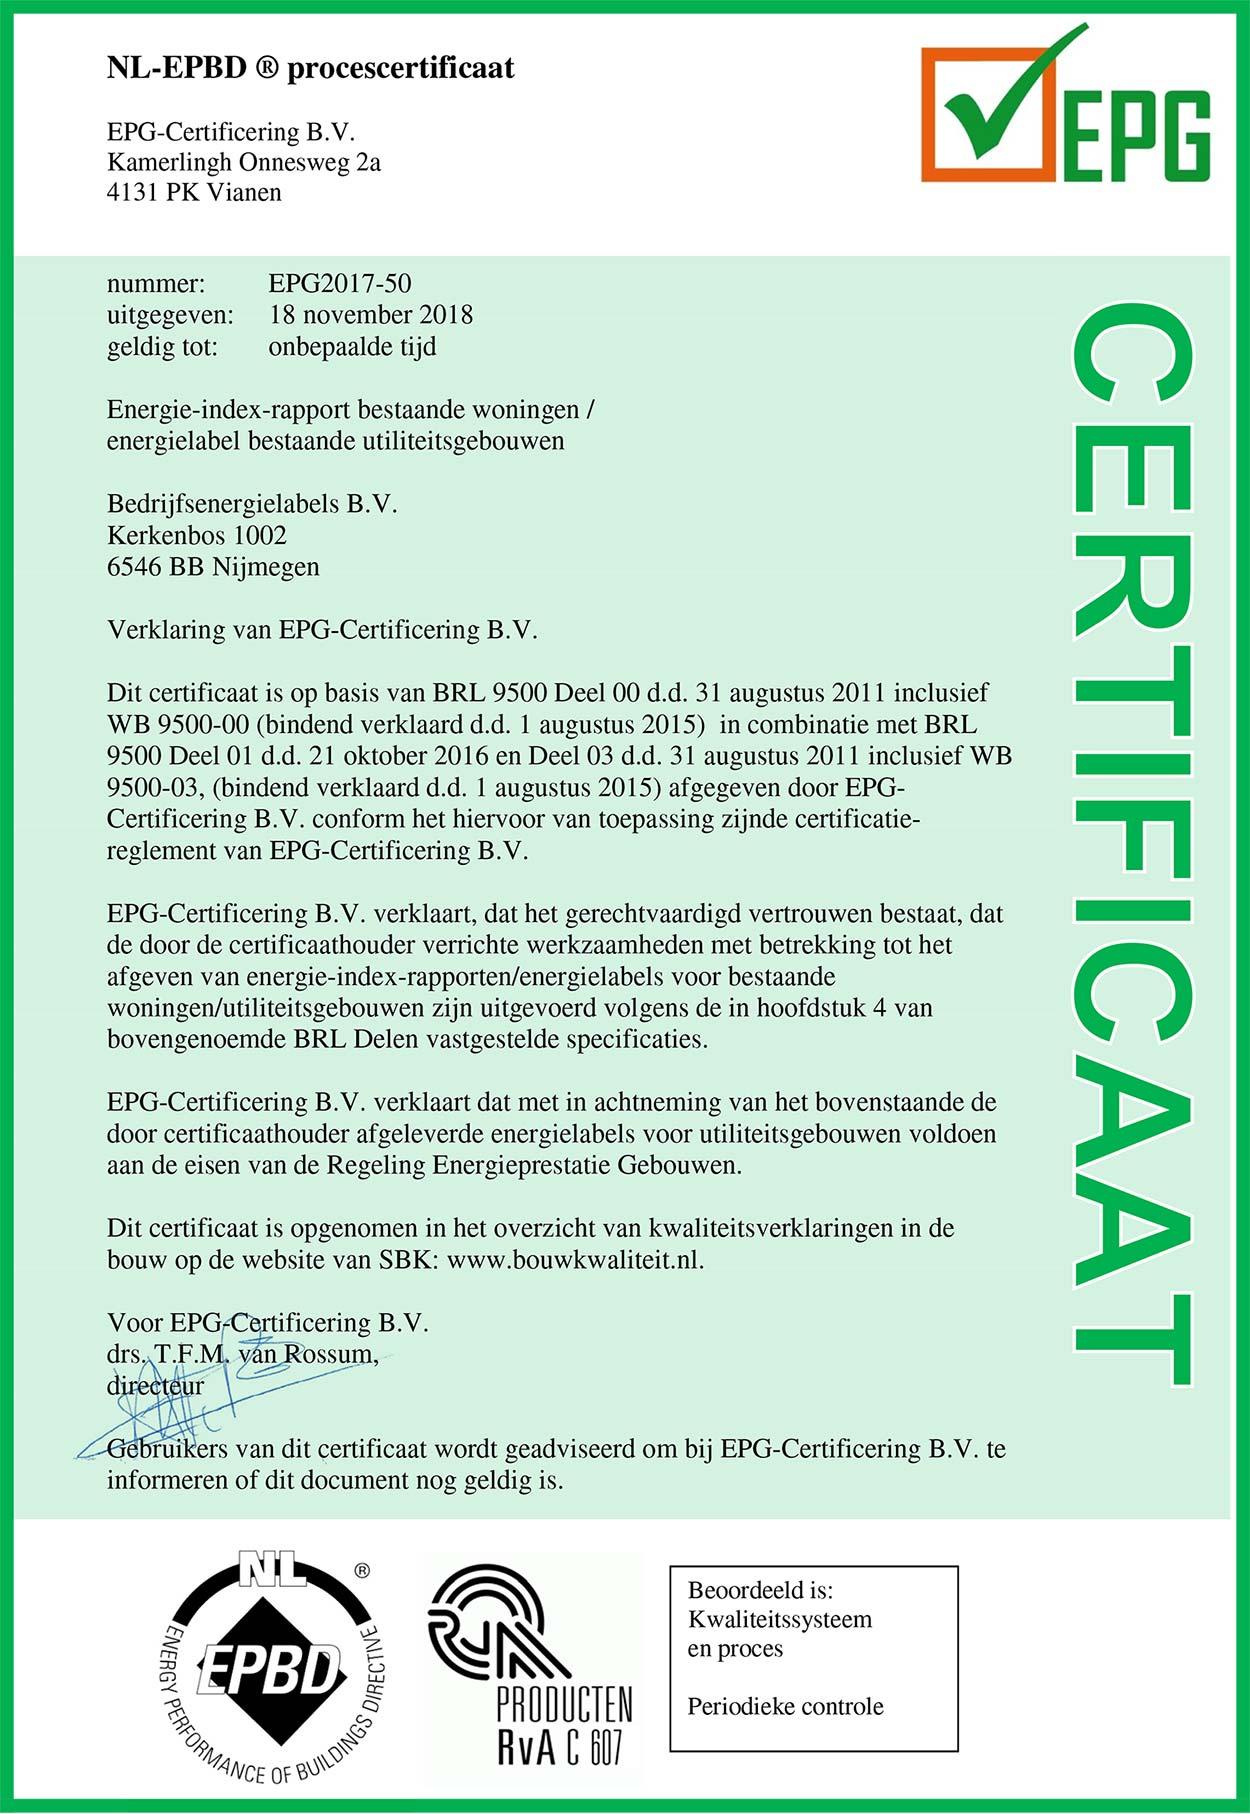 NL-EPBD ® procescertificaat EPG-Certificering B.V. Kamerlingh Onnesweg 2a 4131 PK Vianen nummer: EPG2017-50 uitgegeven: 18 november 2018 geldig tot: onbepaalde tijd Energielabel bestaande utiliteitsgebouwen Bedrijfsenergielabels B.V. Kerkenbos 1002 6546 BB Nijmegen Verklaring van EPG-Certificering B.V. Dit certificaat is op basis van BRL 9500 Deel 00 d.d. 31 augustus 2011 inclusief WB 9500-00 (bindend verklaard d.d. 1 augustus 2015) in combinatie met BRL 9500 Deel 01 en d.d. 21 oktober 2016 en Deel 03 d.d. 31 augustus 2011 inclusief WB 9500-03, (bindend verklaard d.d. 1 augustus 2015) afgegeven door EPG-Certificering B.V. conform het hiervoor van toepassing zijnde certificatie-reglement van EPG-Certificering B.V. EPG-Certificering B.V. verklaart, dat het gerechtvaardigd vertrouwen bestaat, dat de door de certificaathouder verrichte werkzaamheden met betrekking tot het afgeven van energielabels voor bestaande utiliteitsgebouwen zijn uitgevoerd volgens de in hoofdstuk 4 van bovengenoemde BRL Delen vastgestelde specificaties. EPG-Certificering B.V. verklaart dat met in achtneming van het bovenstaande de door certificaathouder afgeleverde energielabels voor utiliteitsgebouwen voldoen aan de eisen van de Regeling Energieprestatie Gebouwen. Dit certificaat is opgenomen in het overzicht van kwaliteitsverklaringen in de bouw op de website van SBK: www.bouwkwaliteit.nl. Voor EPG-Certificering B.V. drs. T.F.M. van Rossum, directeur Gebruikers van dit certificaat wordt geadviseerd om bij EPG-Certificering B.V. te informeren of dit document nog geldig is.